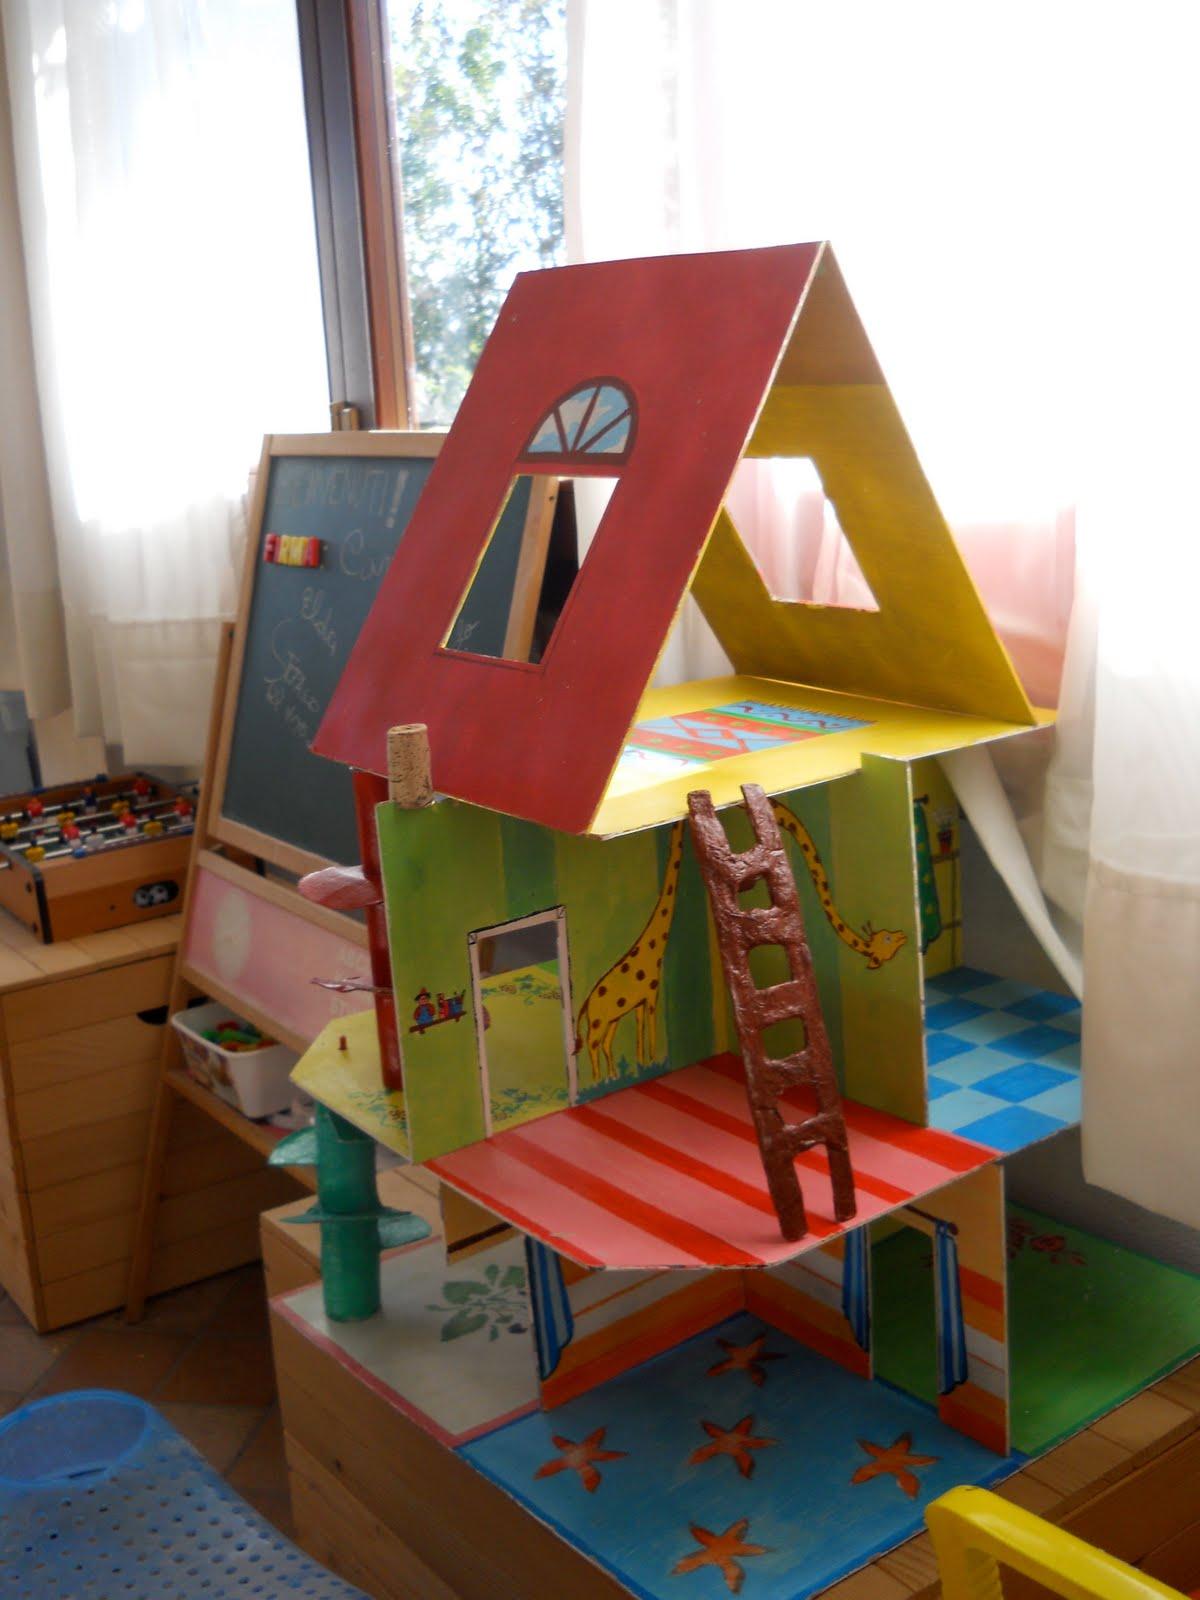 La scintilla casa per i bambini fai da te - Casa gonfiabile per bambini ...